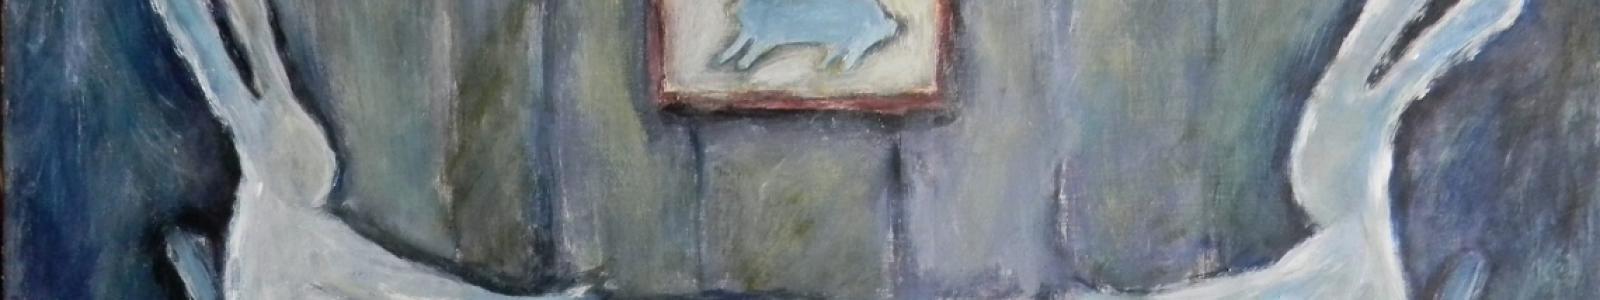 Gallery Painter Lu Sakhno